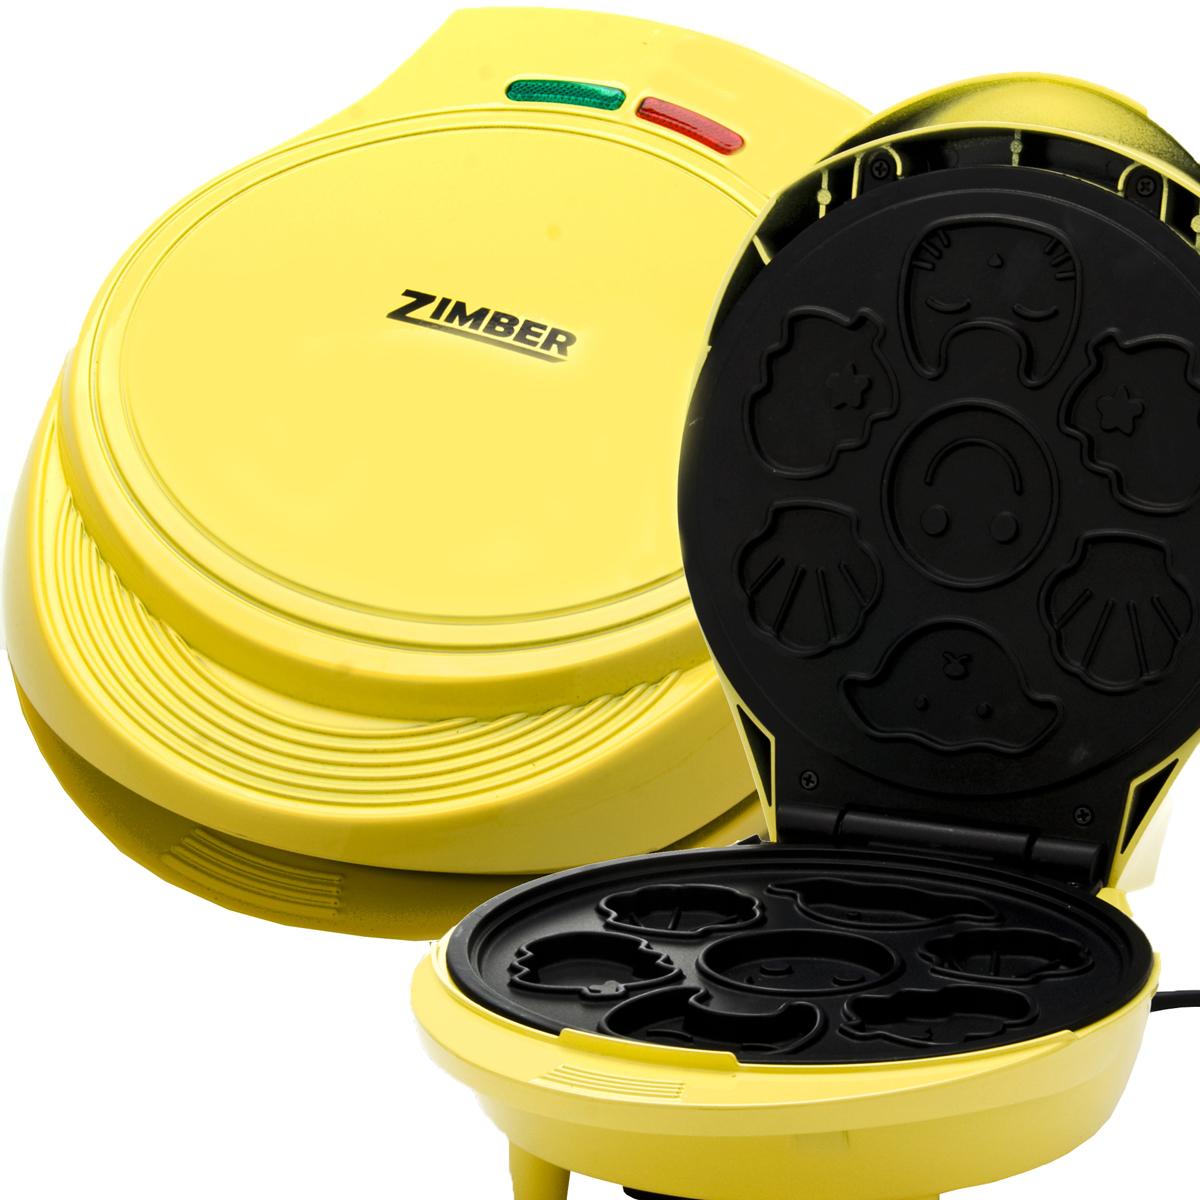 Zimber ZM-10804 кексницаZM-10804Кексница Zimber ZM-10804 — это идеальный выбор для современной кухни, сочетающий отличное качество изготовления и стильный дизайн. Модель предназначена для выпекания вкуснейших капкейков, поэтому она отлично подойдет для приготовления завтраков или десертов. За один раз вы сможете приготовить сразу 7 мини-кексов. Благодаря мощности в 1000 Вт и пластинам с антипригарным покрытием, устройство приготовит ваше любимое блюдо в считанные минуты. Для удобства использования, кексница оснащена фиксатором крышки, контрольными лампами сети/нагрева, термостойким корпусом и нескользящими ножками.